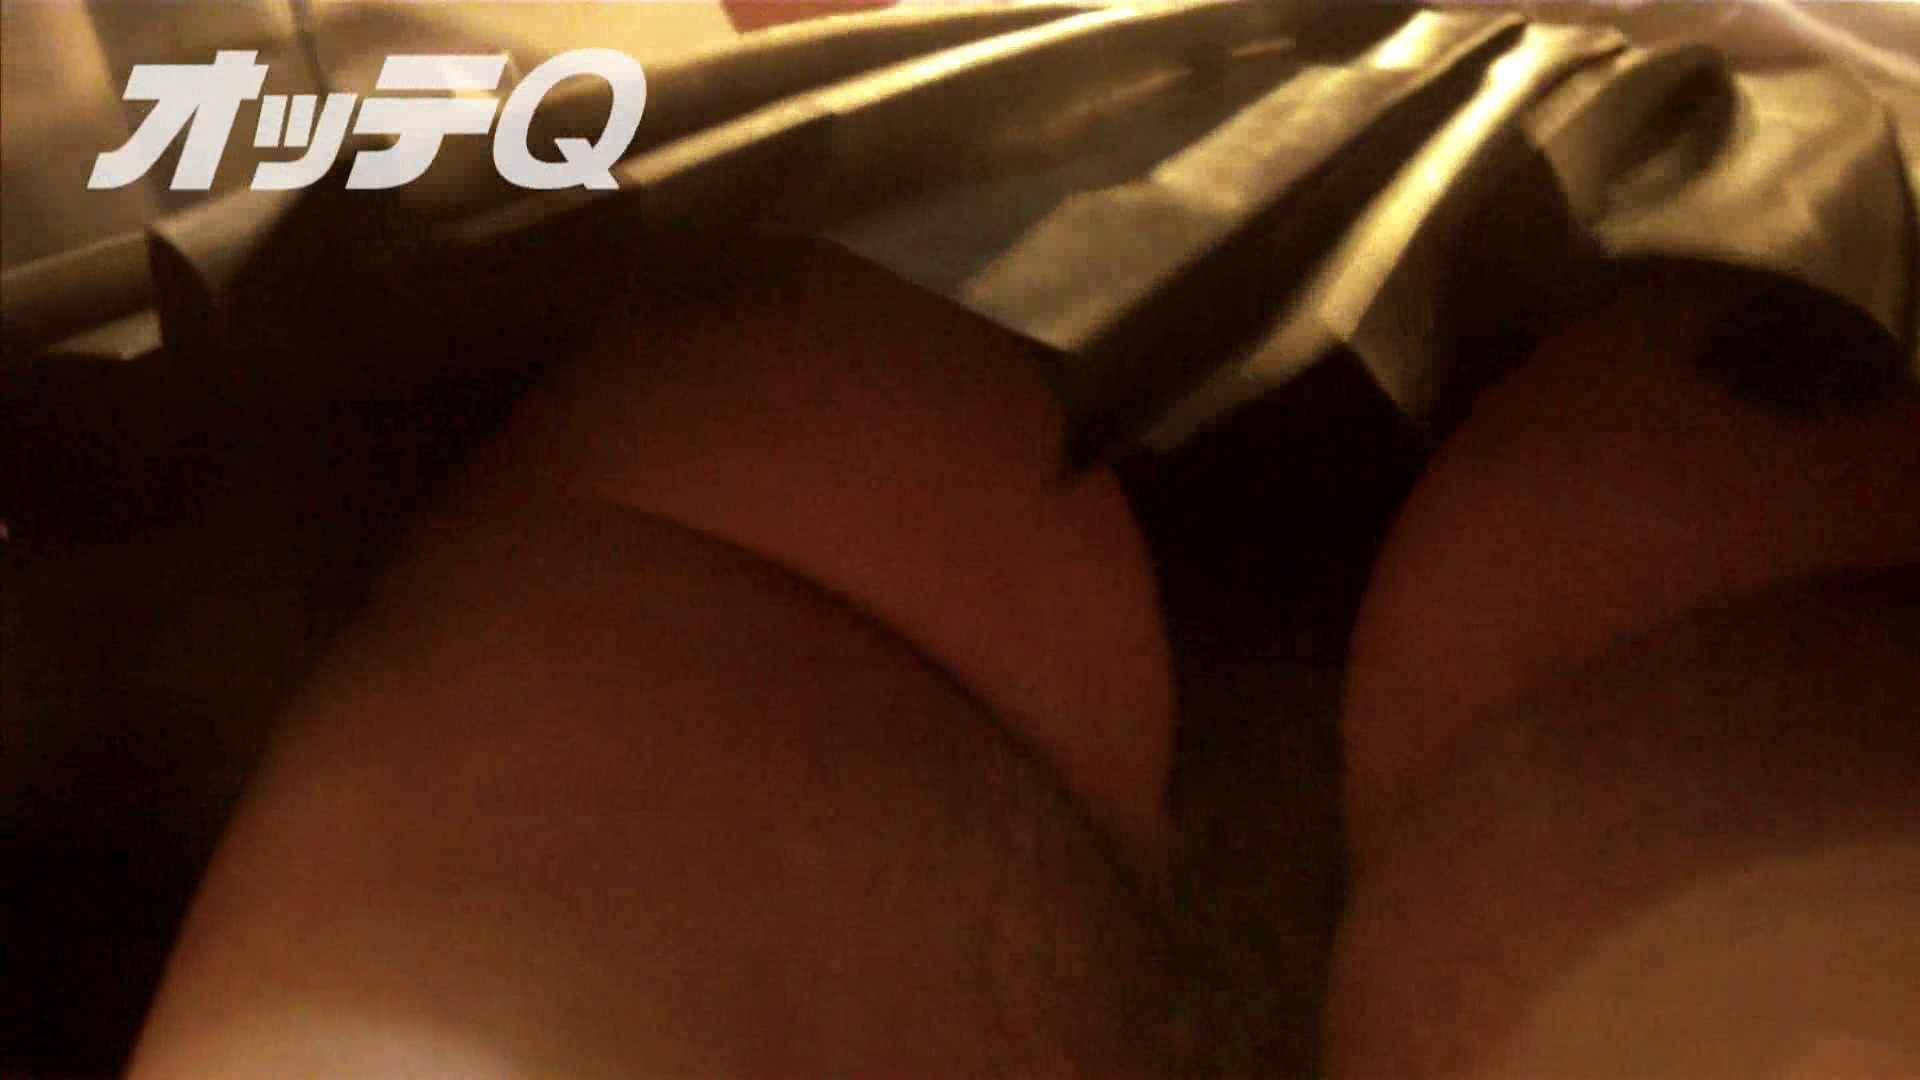 ハイビジョンパンチラ オッテQさんの追跡パンチラデパート編VOL.06 パンチラ | HなOL  79pic 22